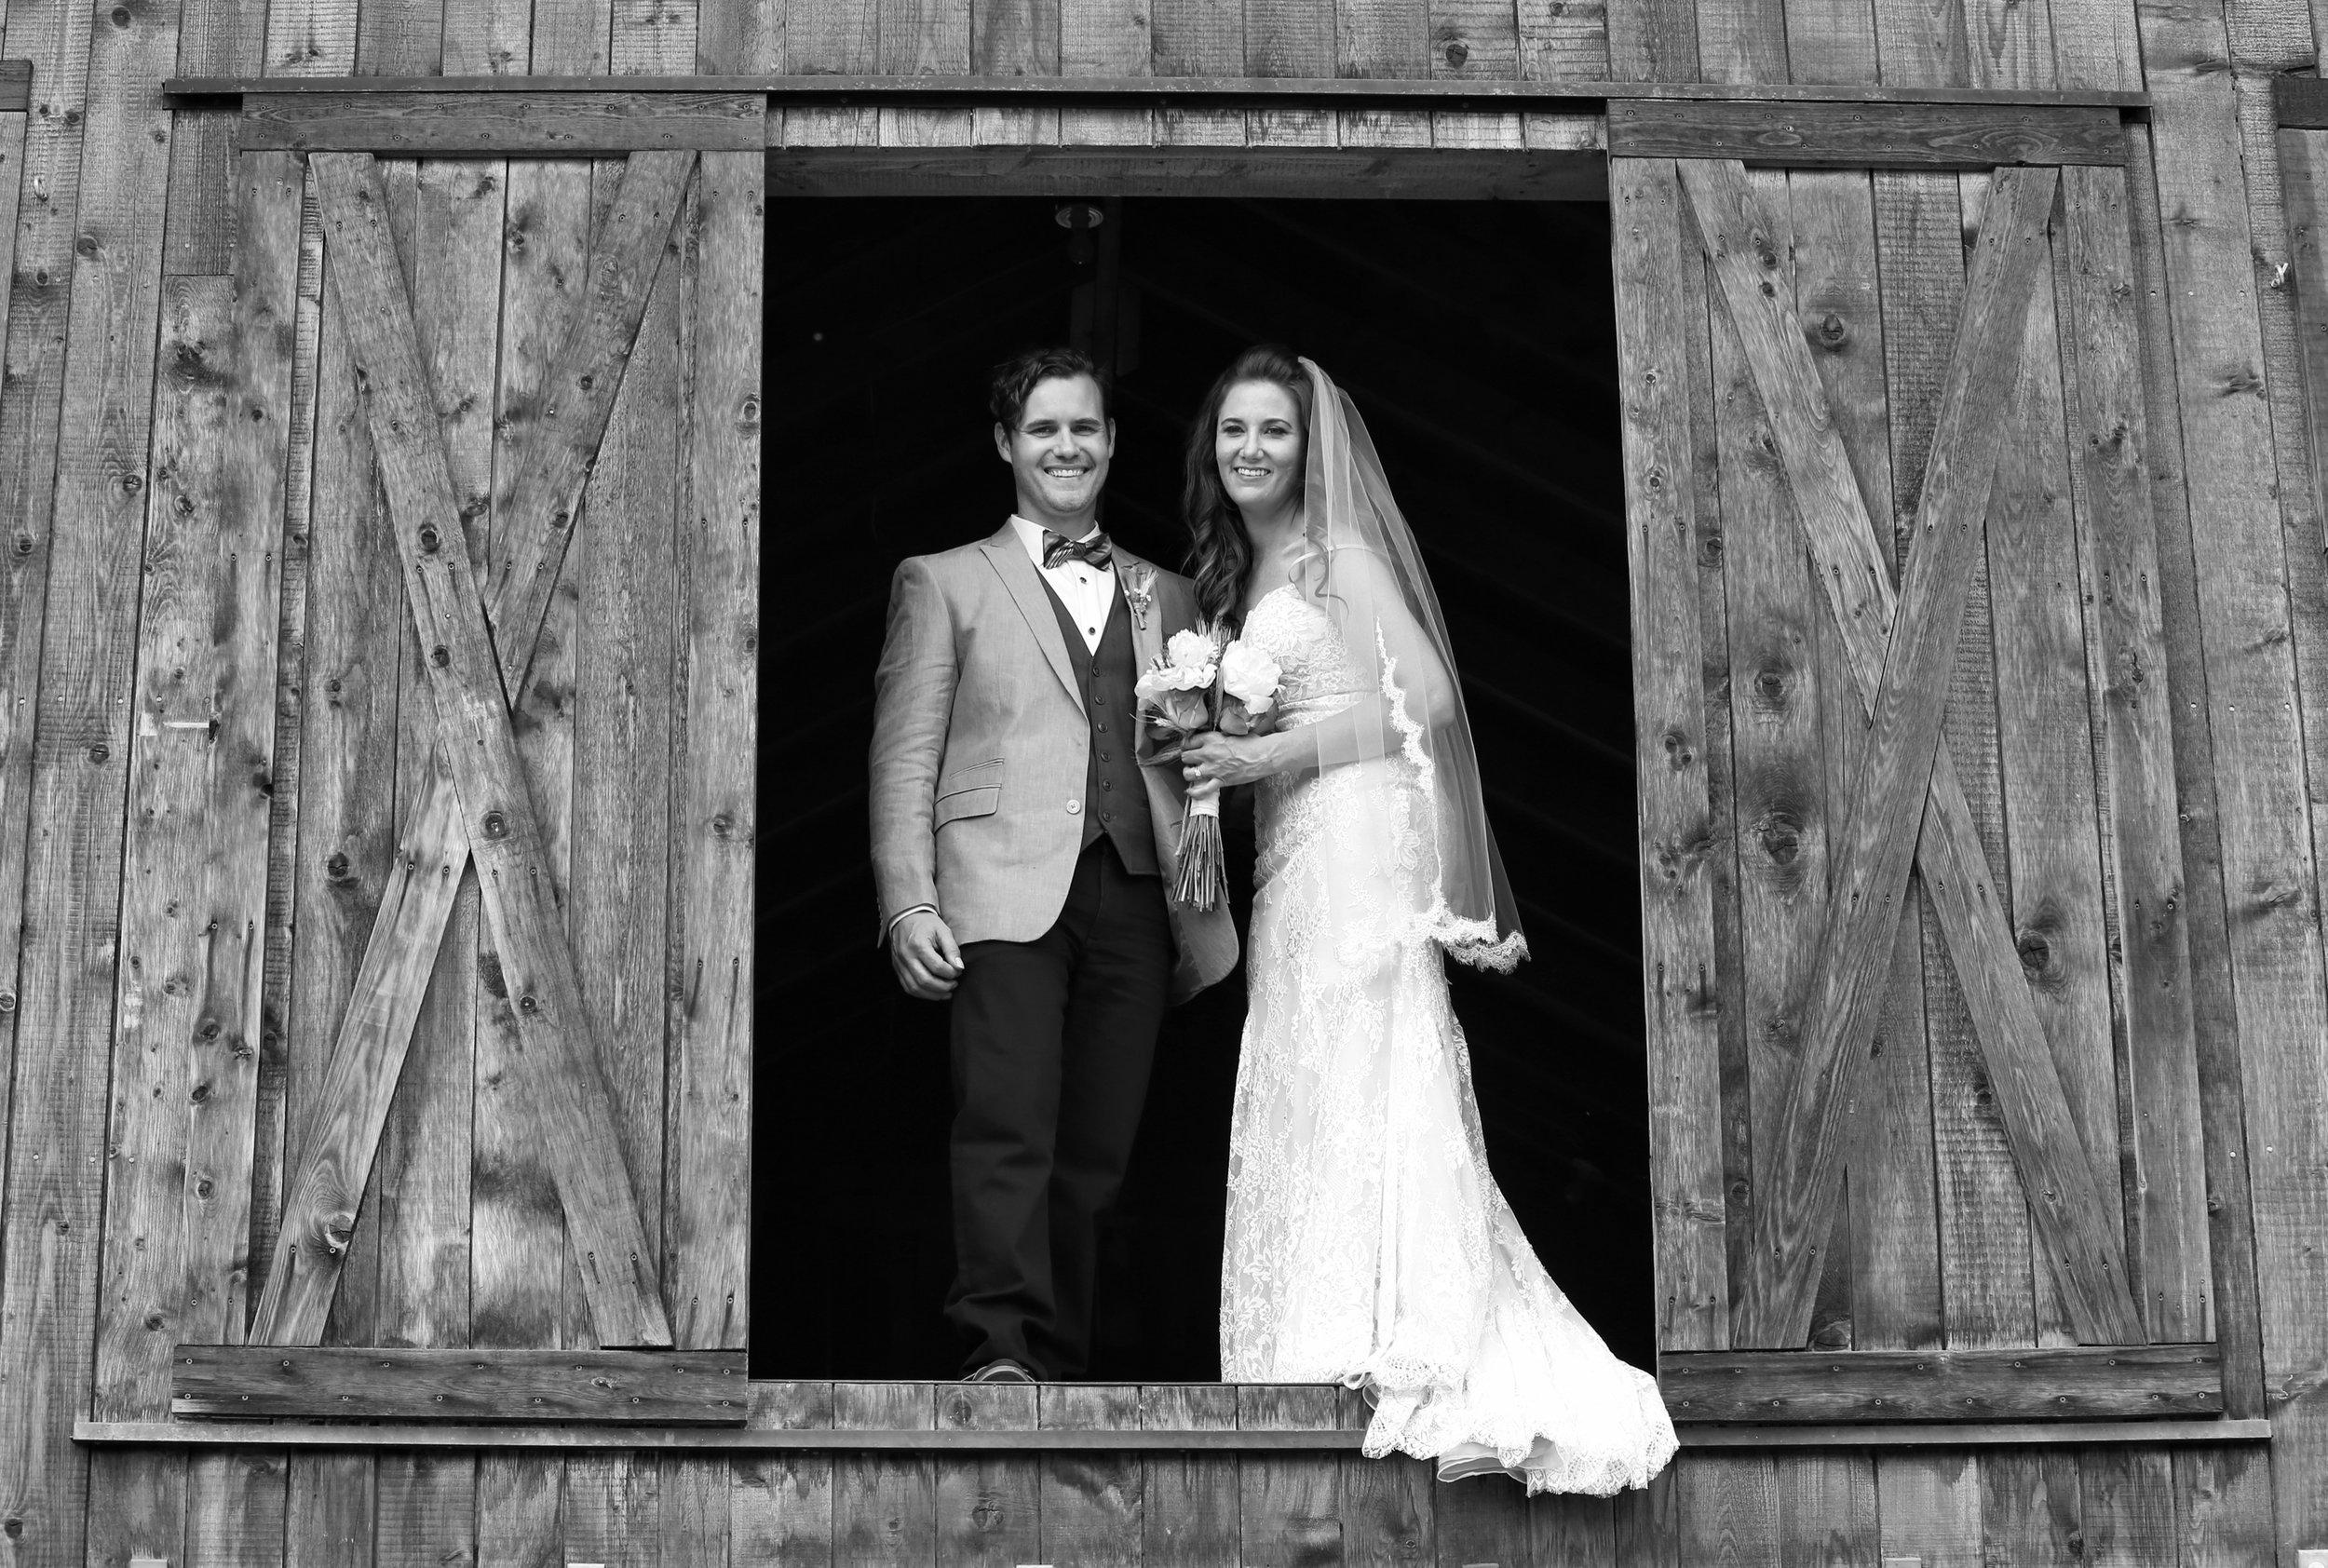 barn wedding 3 ak was.jpg